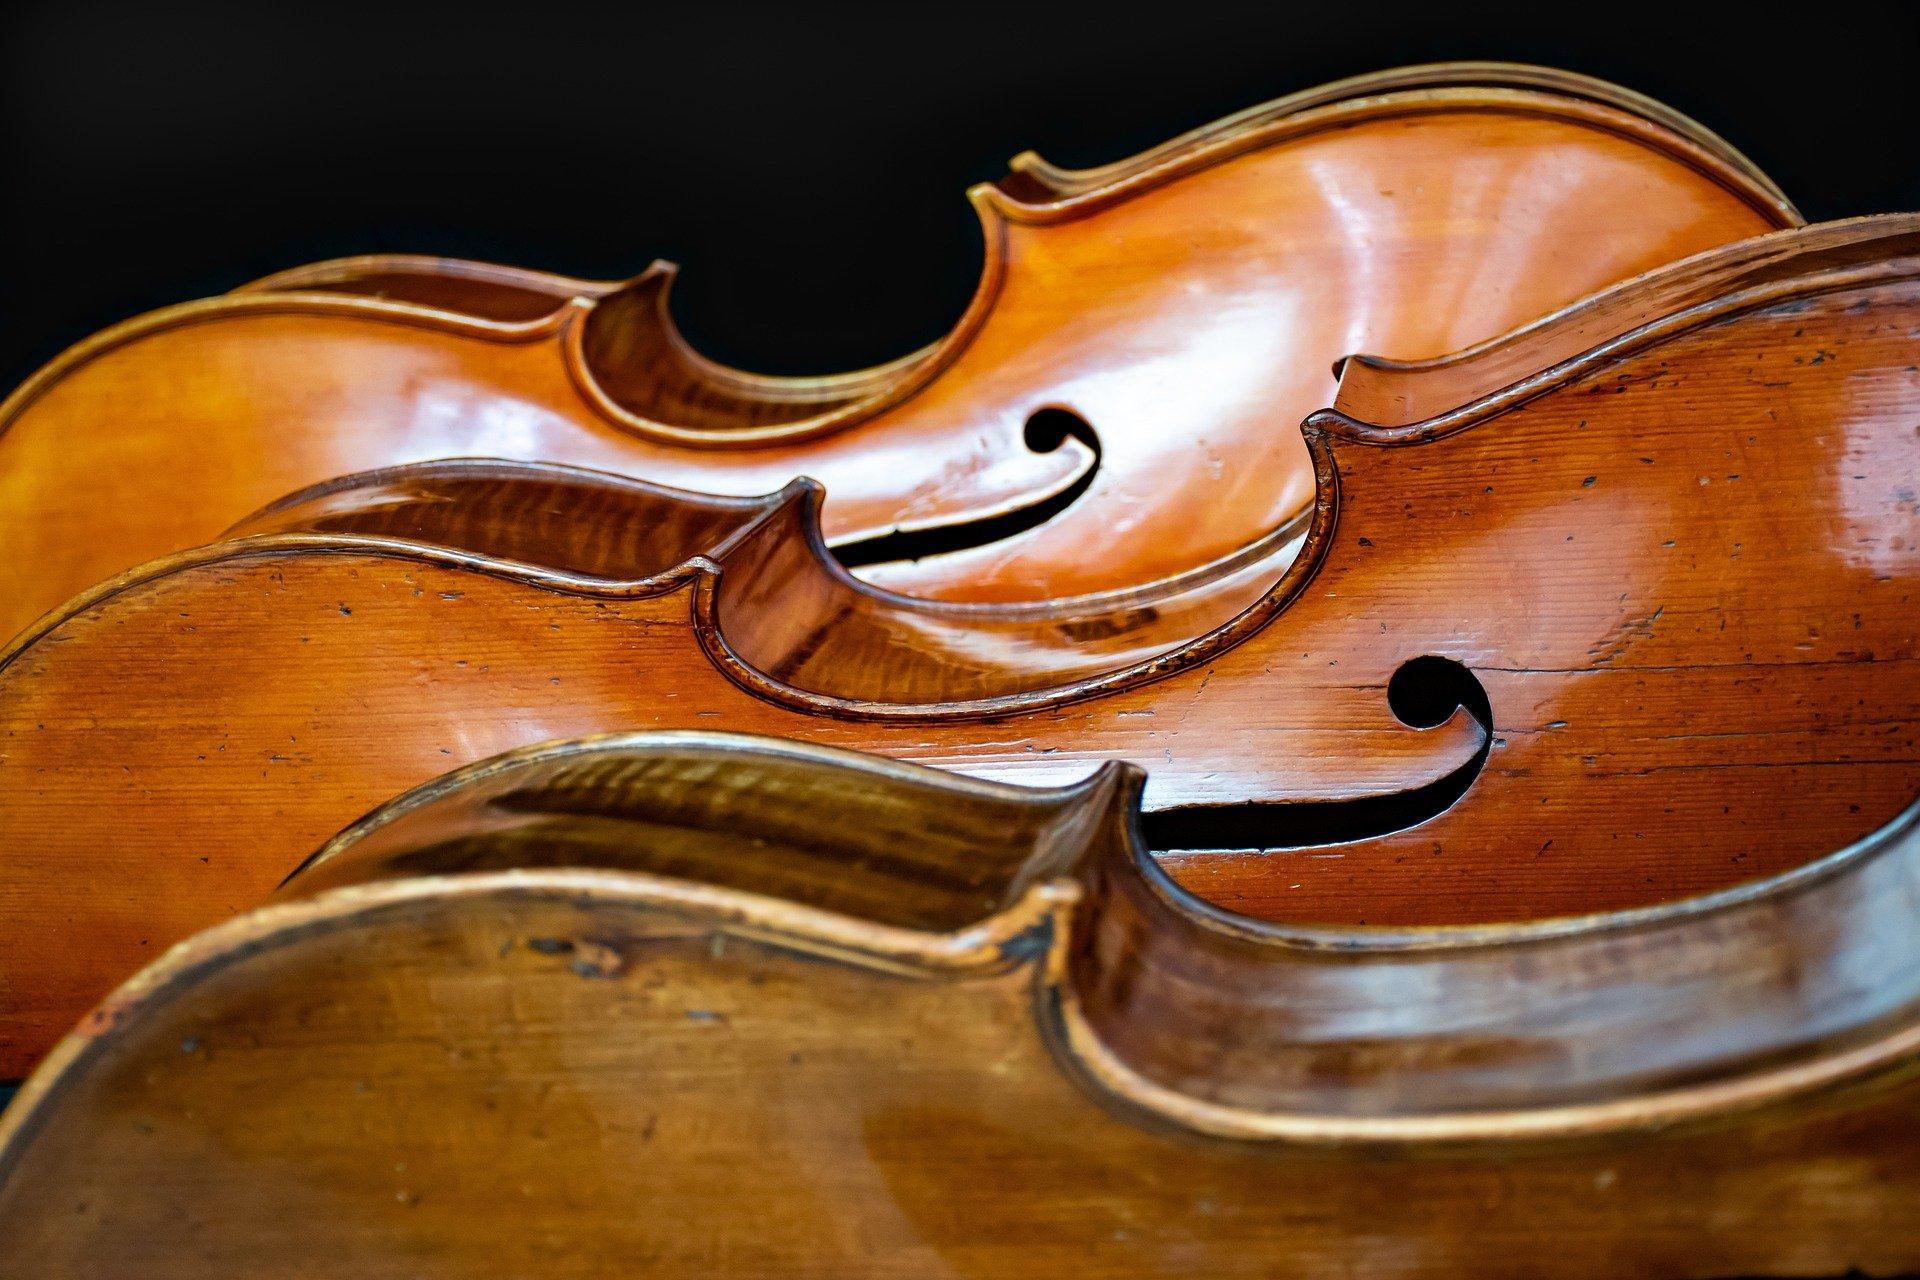 Григ и Рахманинов: в ЗИЛе онлайн организуют концерт классической музыки